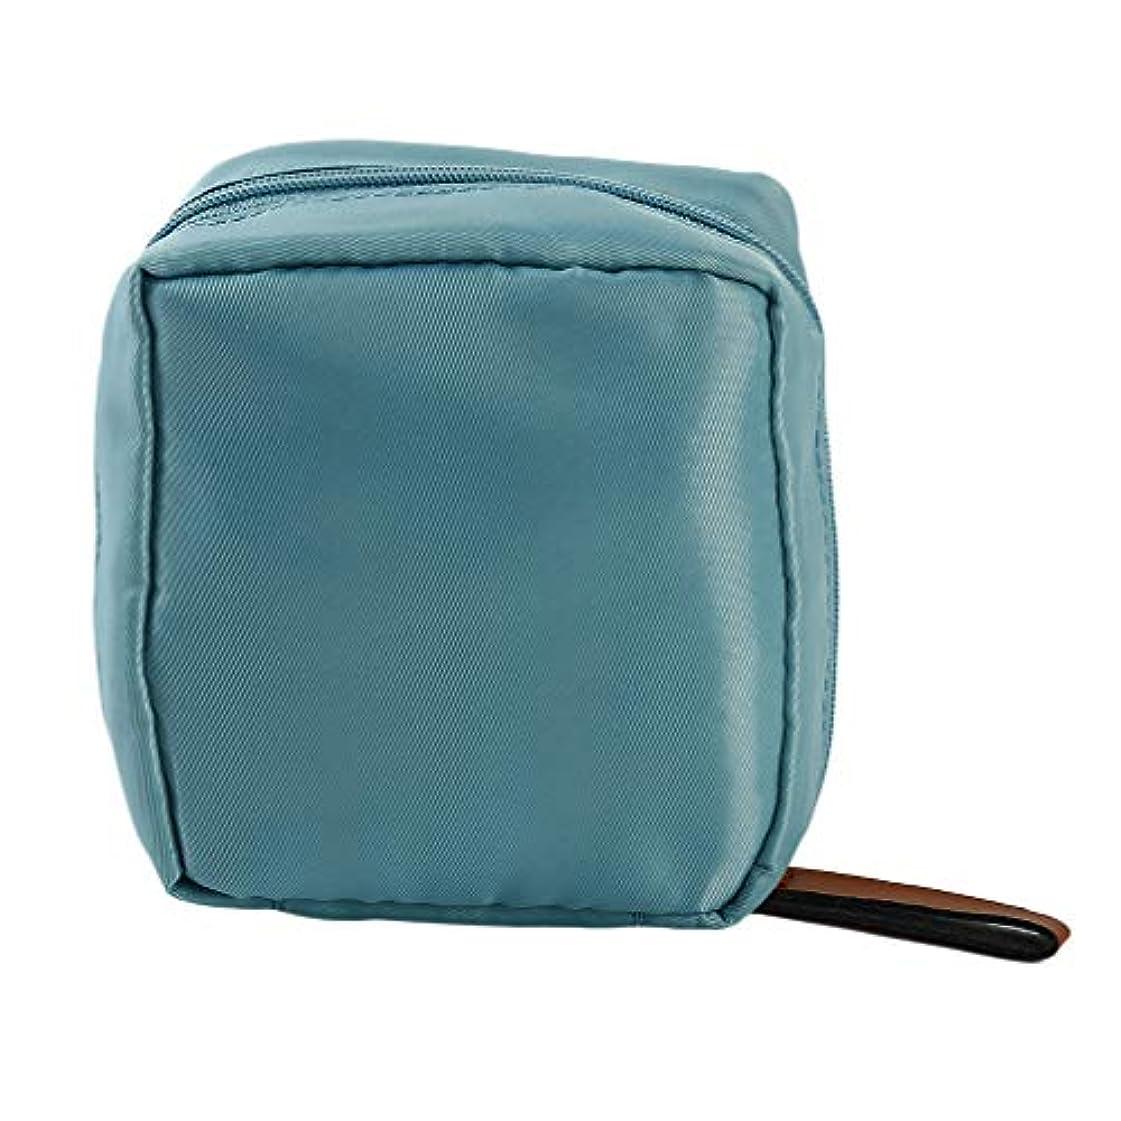 やけど証拠一見青空の日差し 化粧ポーチ 収納ボックス トイレタリーバッグ ストライプ トラベルポーチ 化粧品 大容量 収納力抜群 旅行 出張 軽量 ブルー